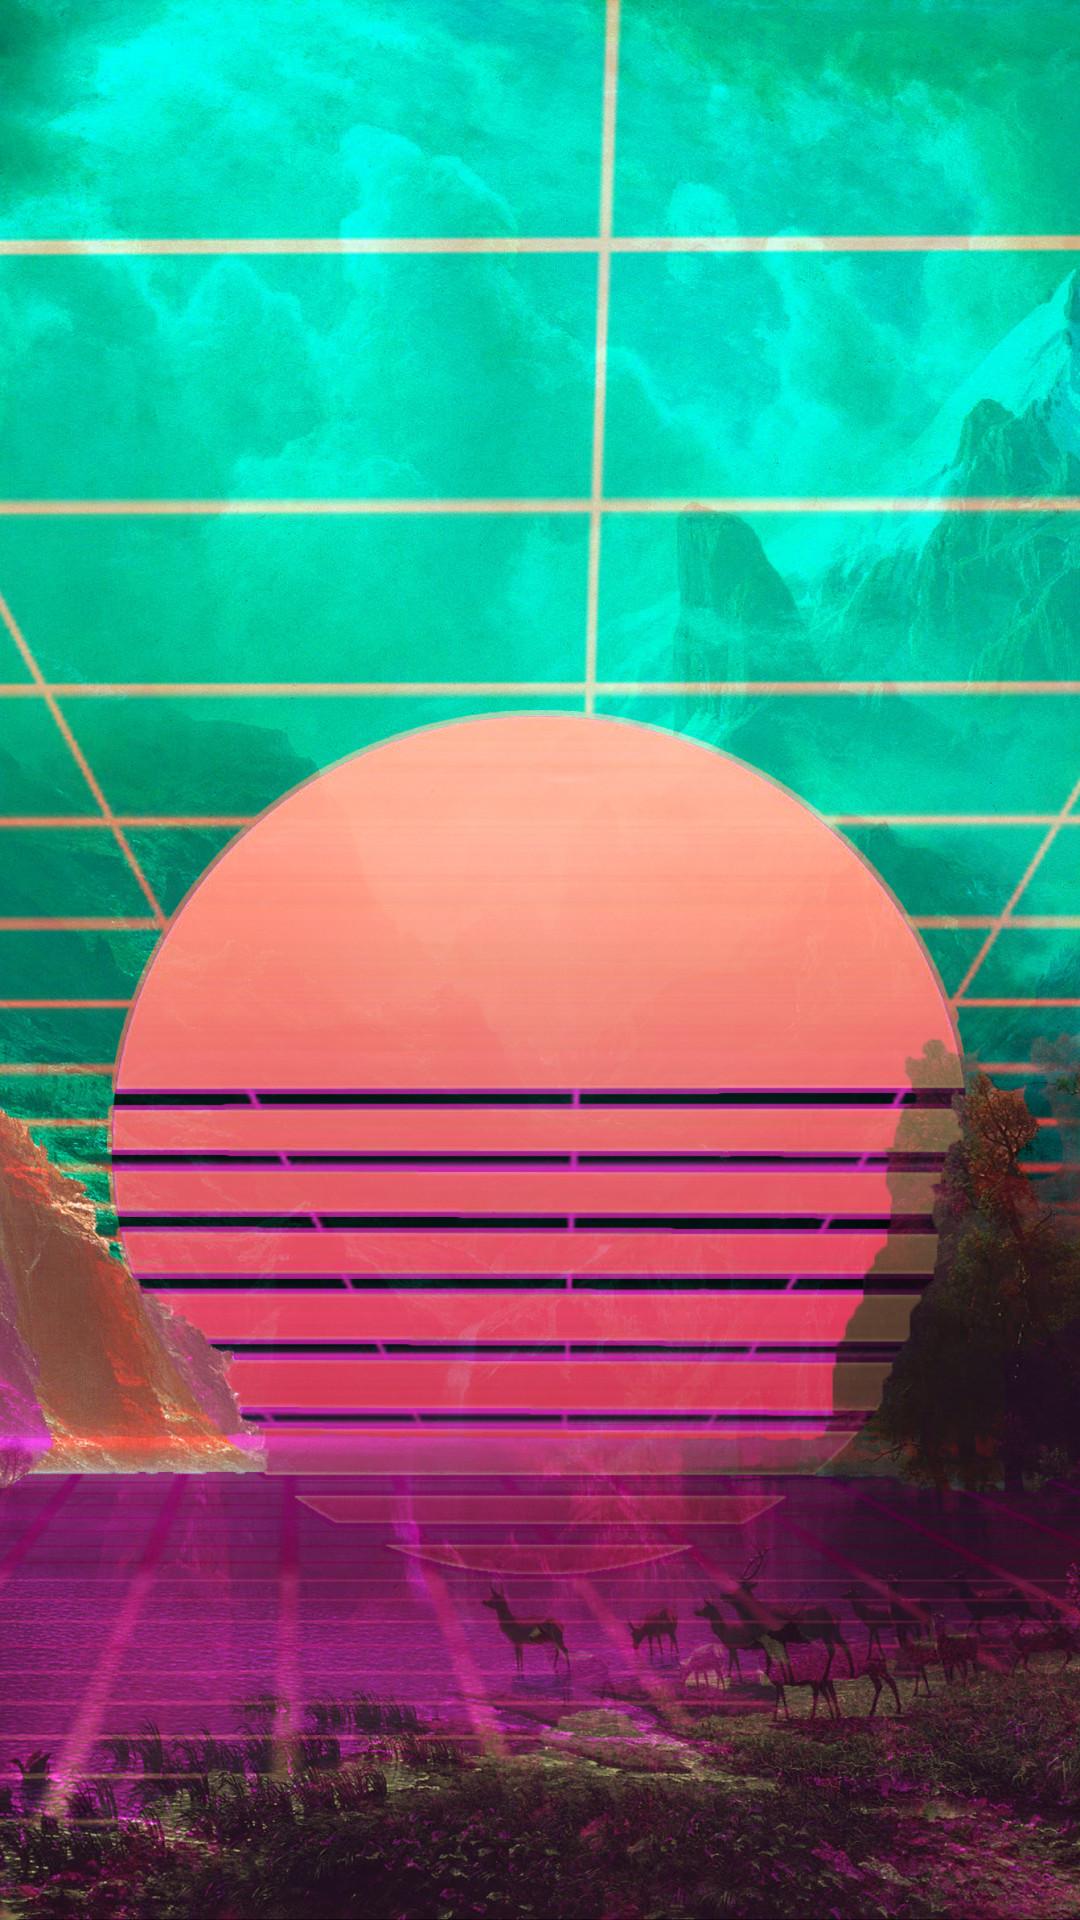 Vaporwave 4k Wallpaper Full Hd